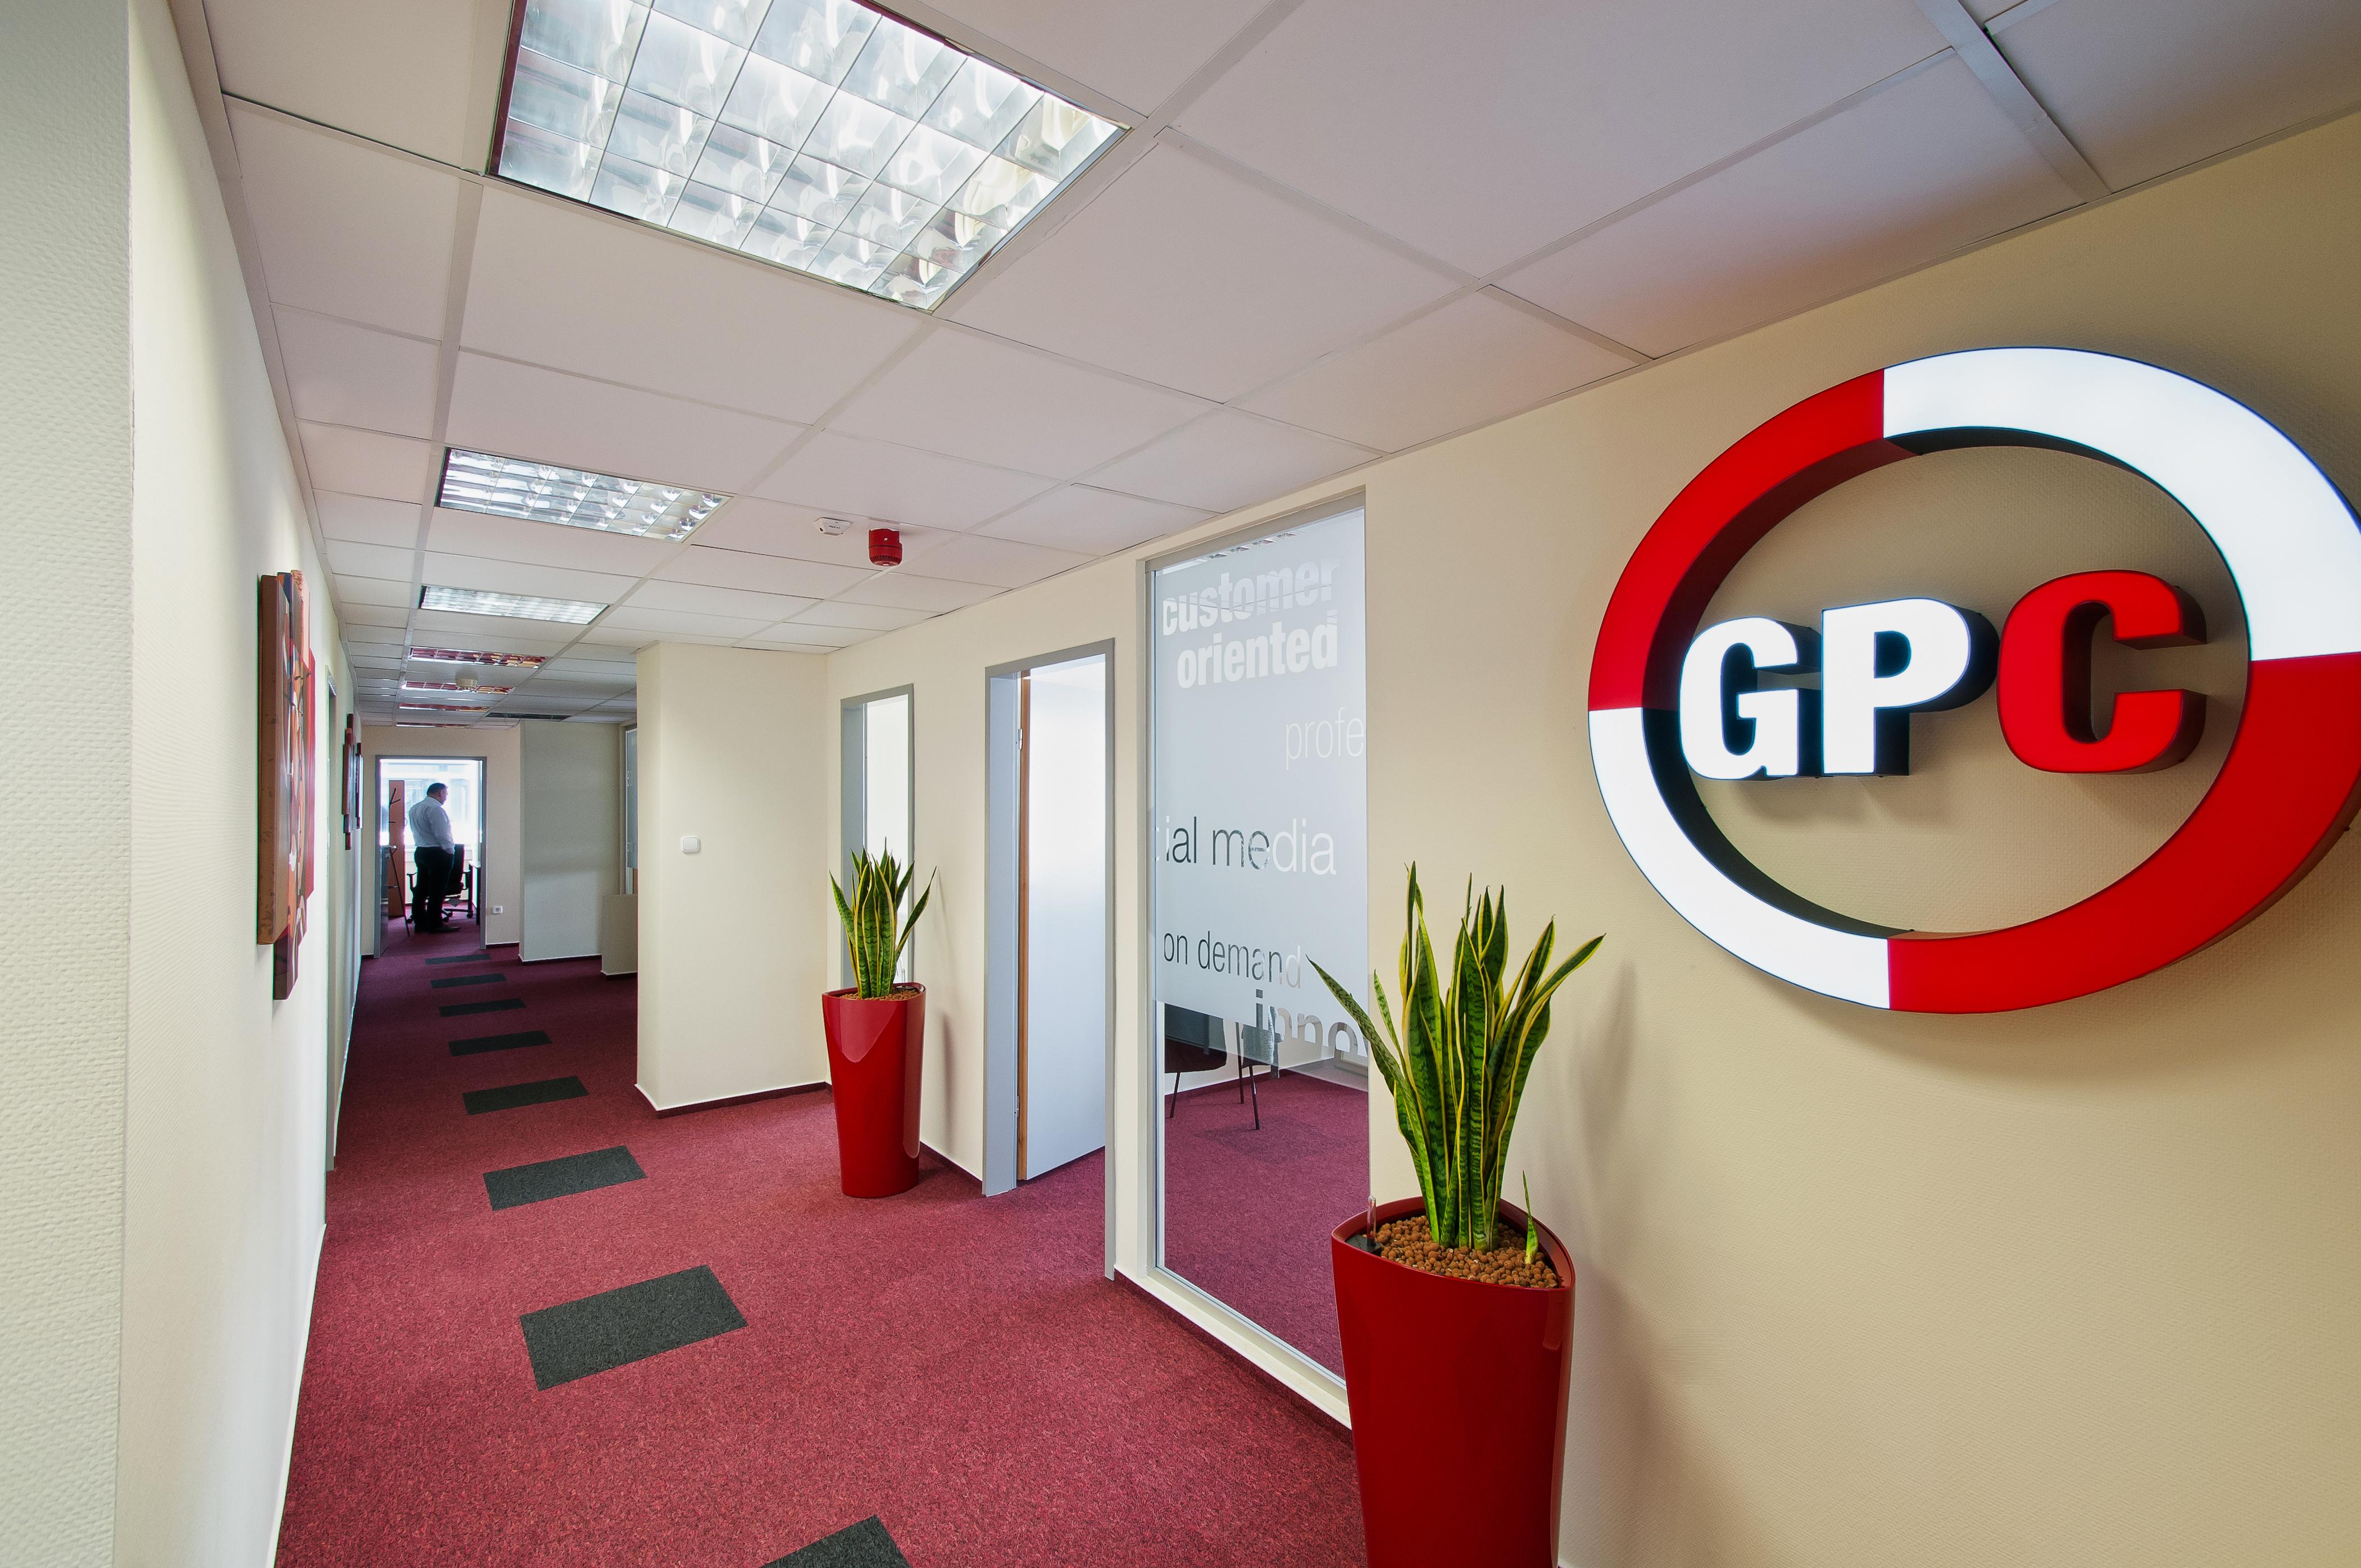 GPC céglogó